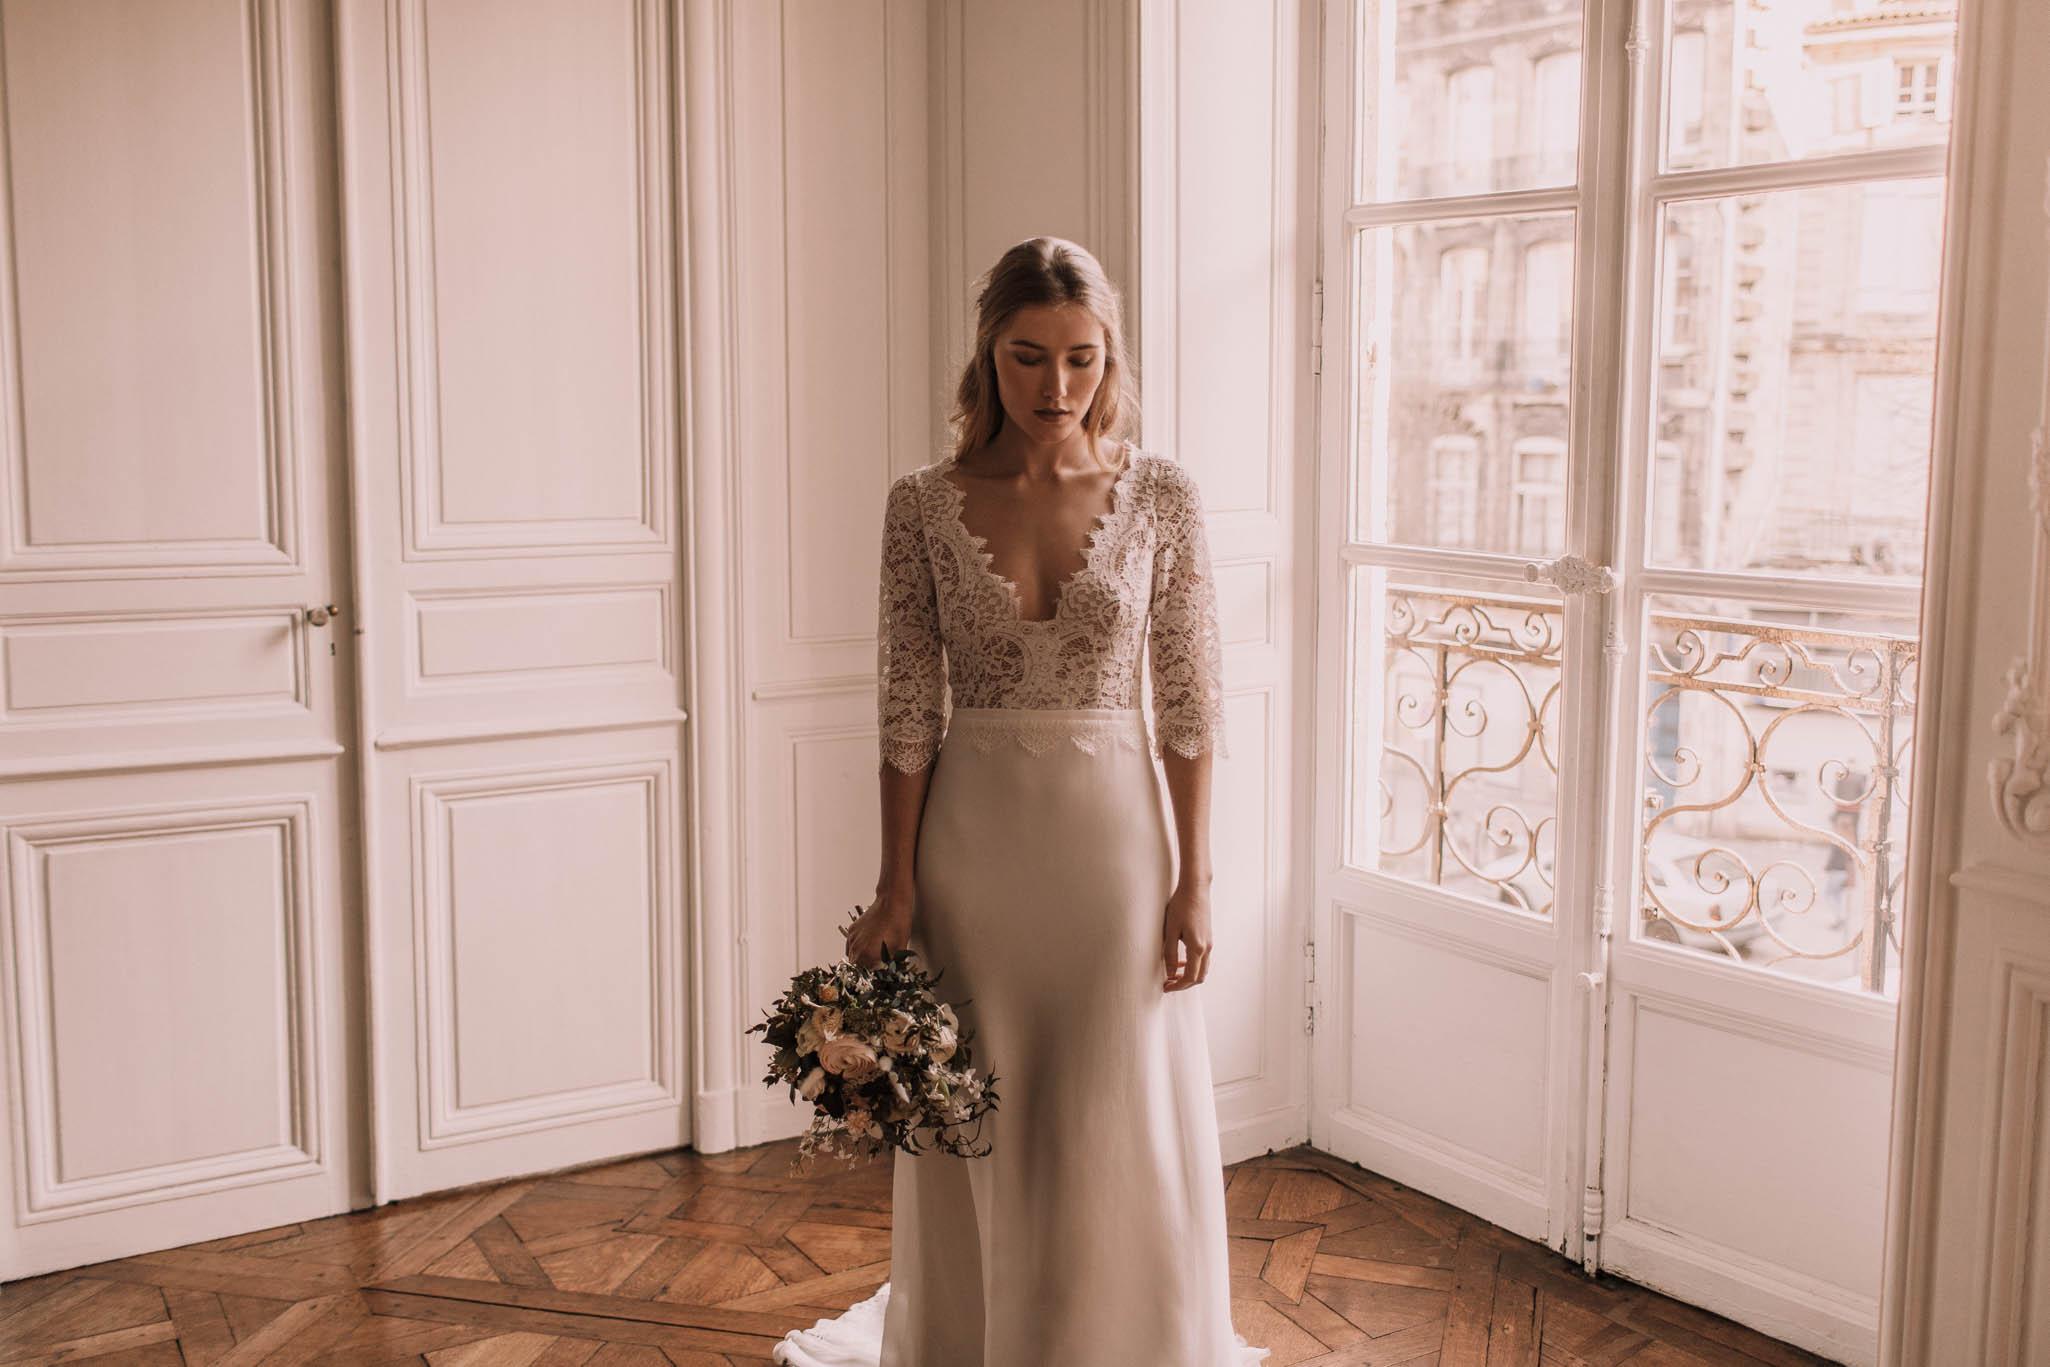 photographe-mariage-bordeaux-jeremy-boyer-white-minimal-36.jpg